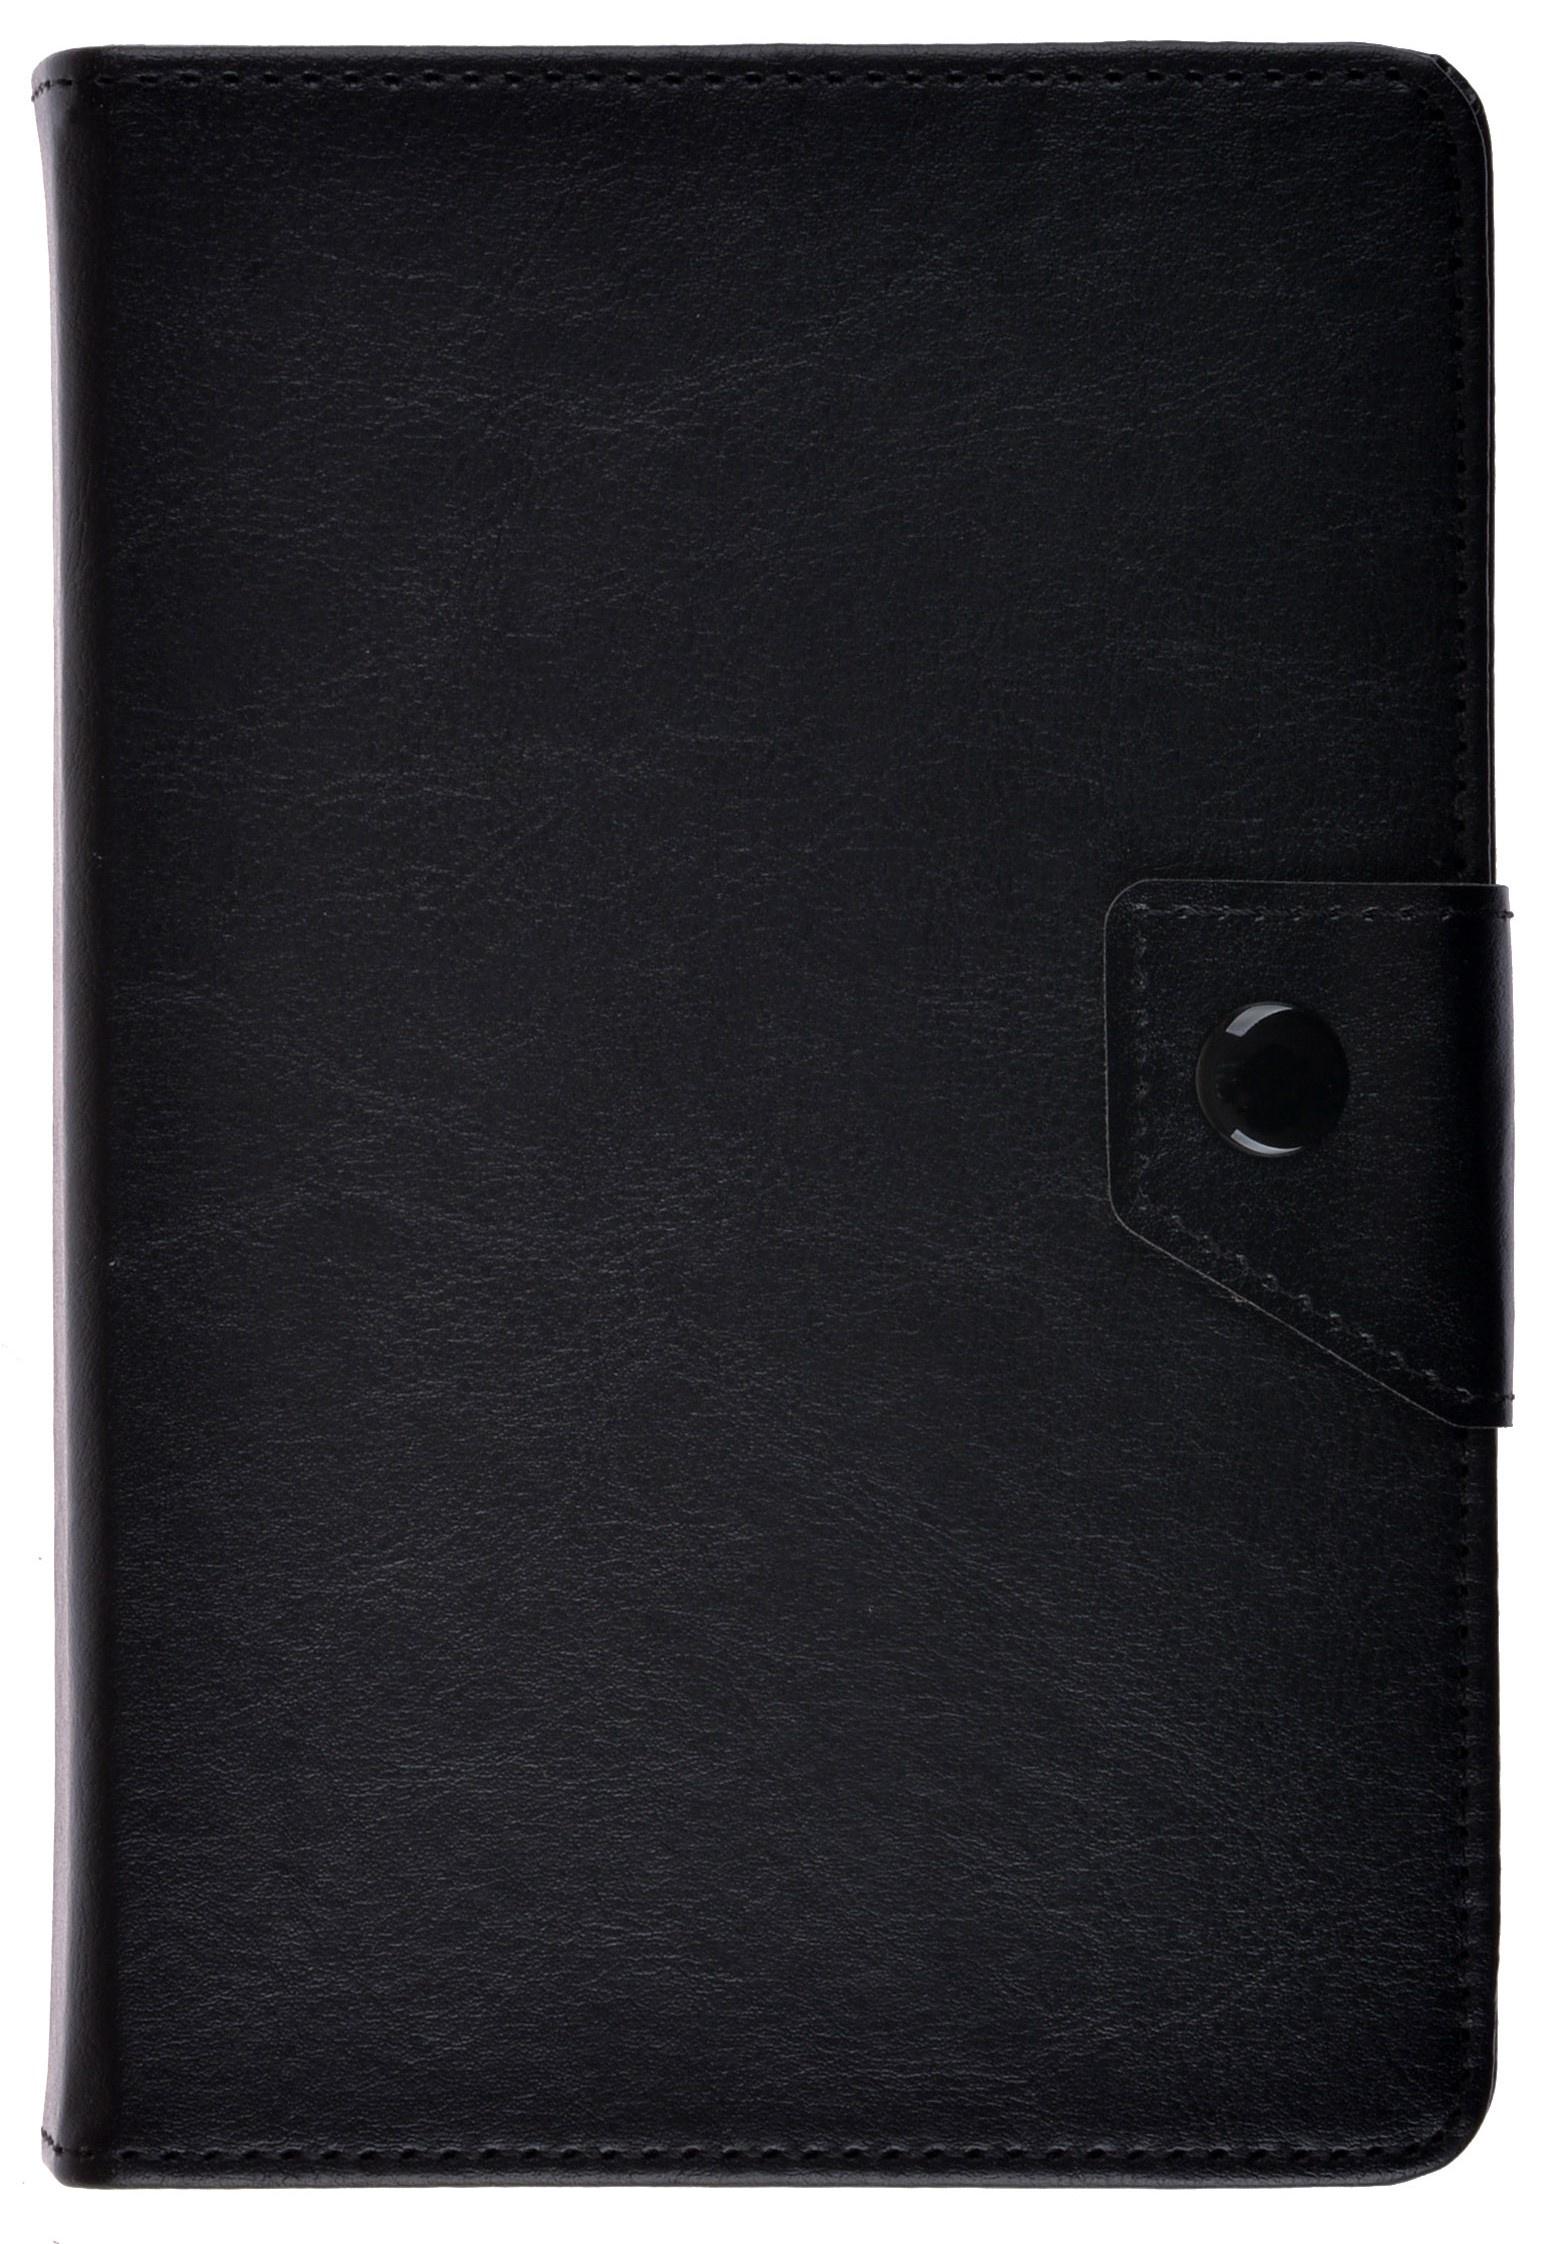 Чехол для планшета ProShield Standard slim clips 7, 4660041409536, черный cross case чехол универсальный slim 7